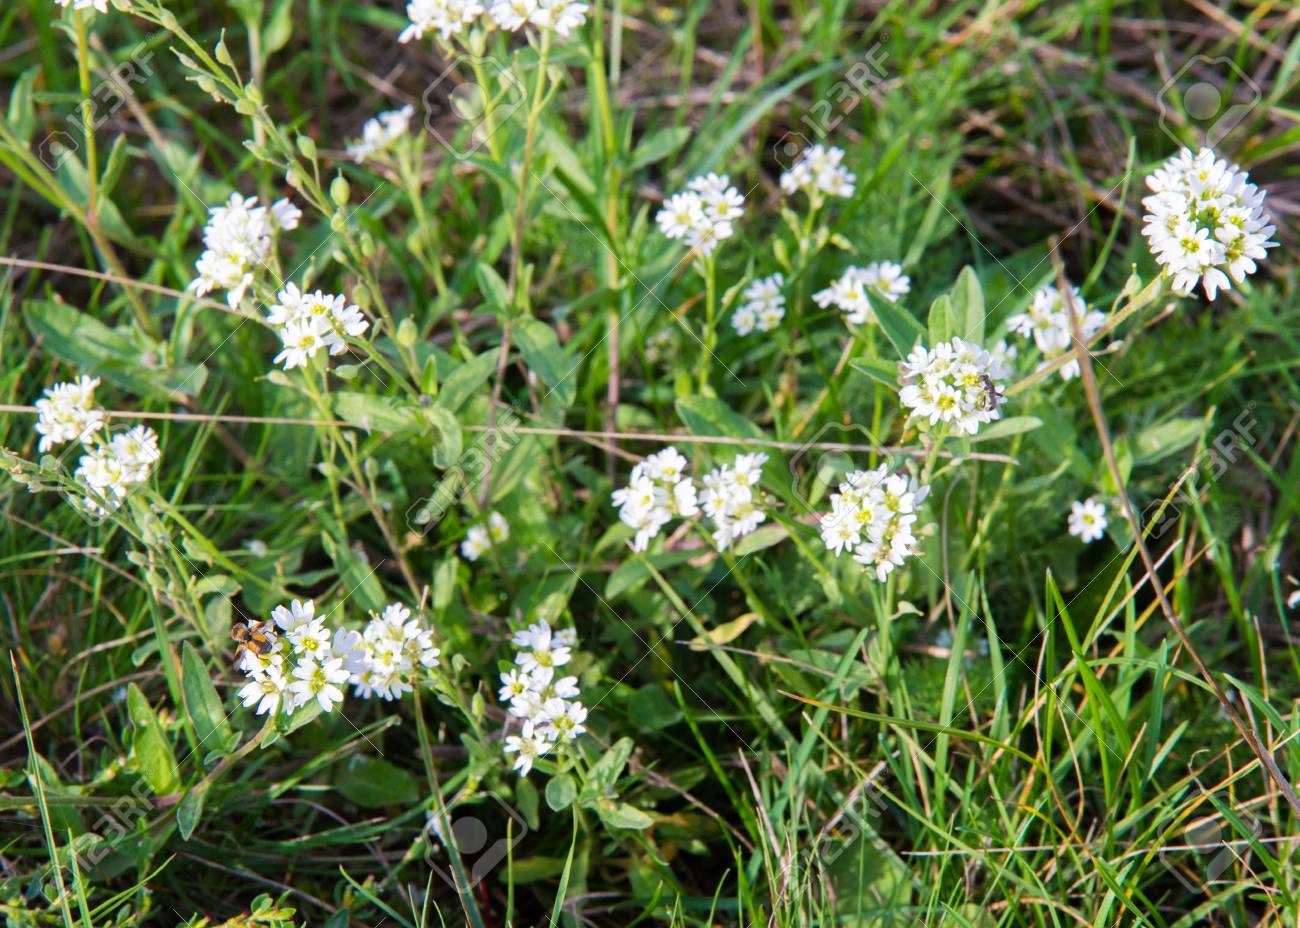 Petite Snow White Flowers Of Lobularia Maritima Alyssum Maritimum